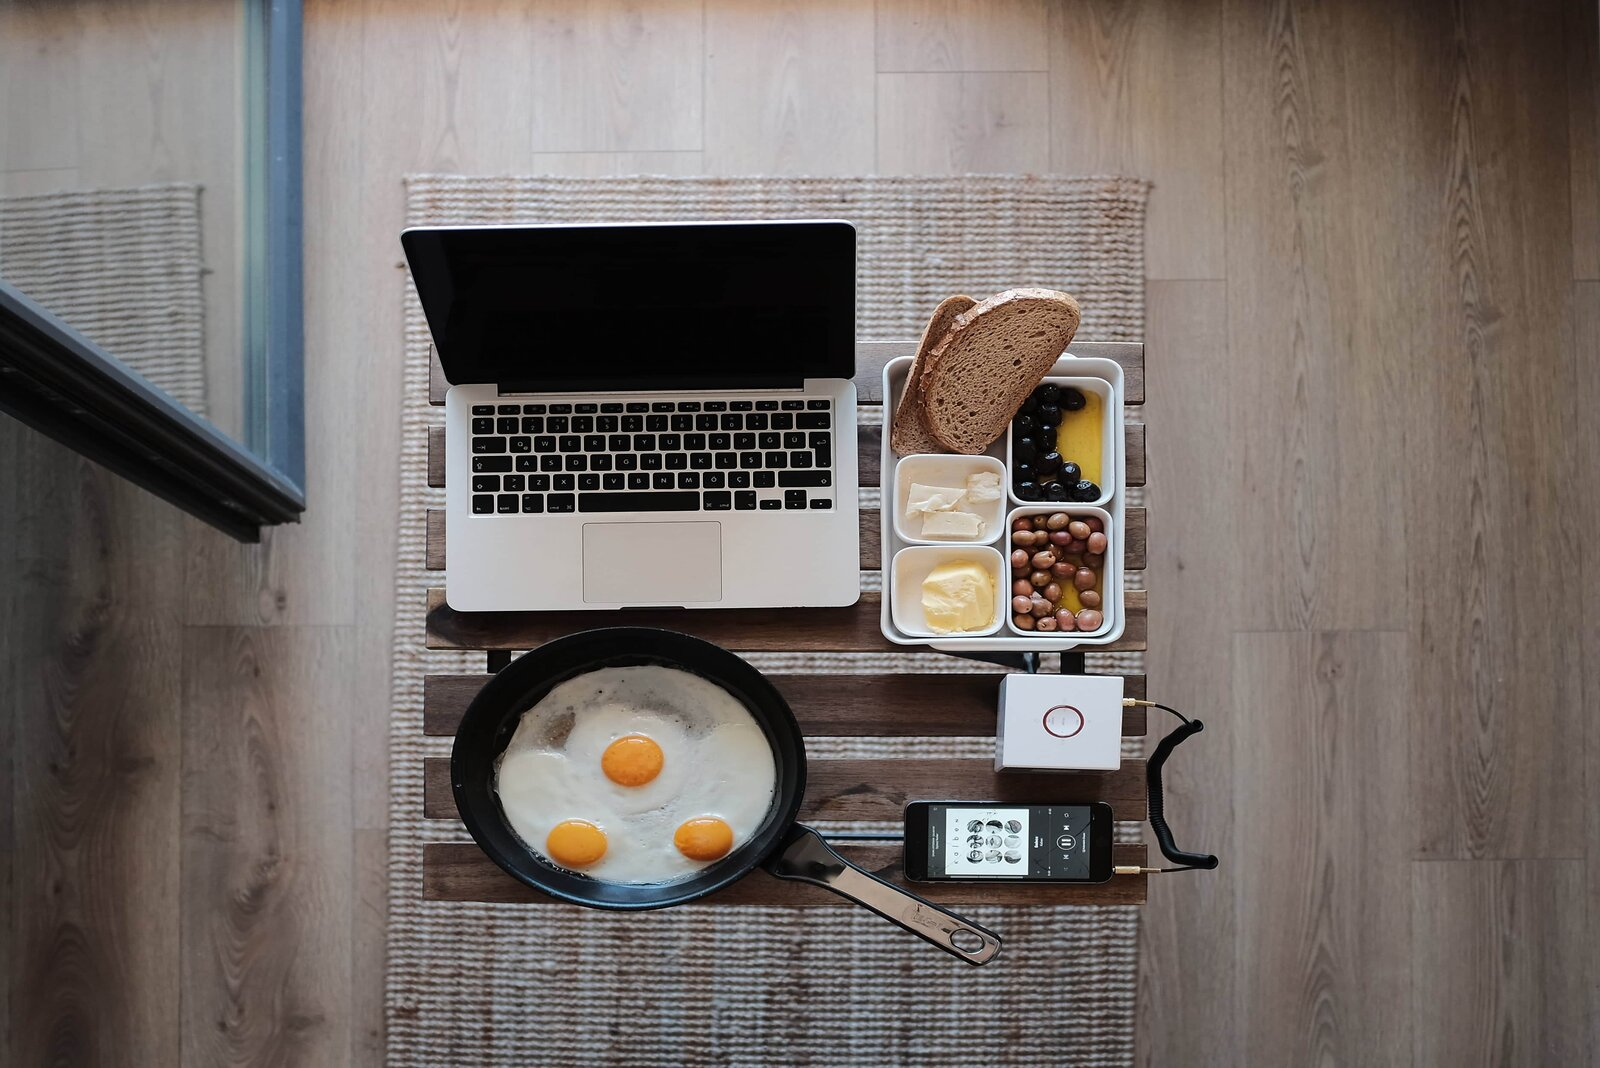 Meine Fiverr Erfahrung – Freelancer finden oder als Freelancer arbeiten